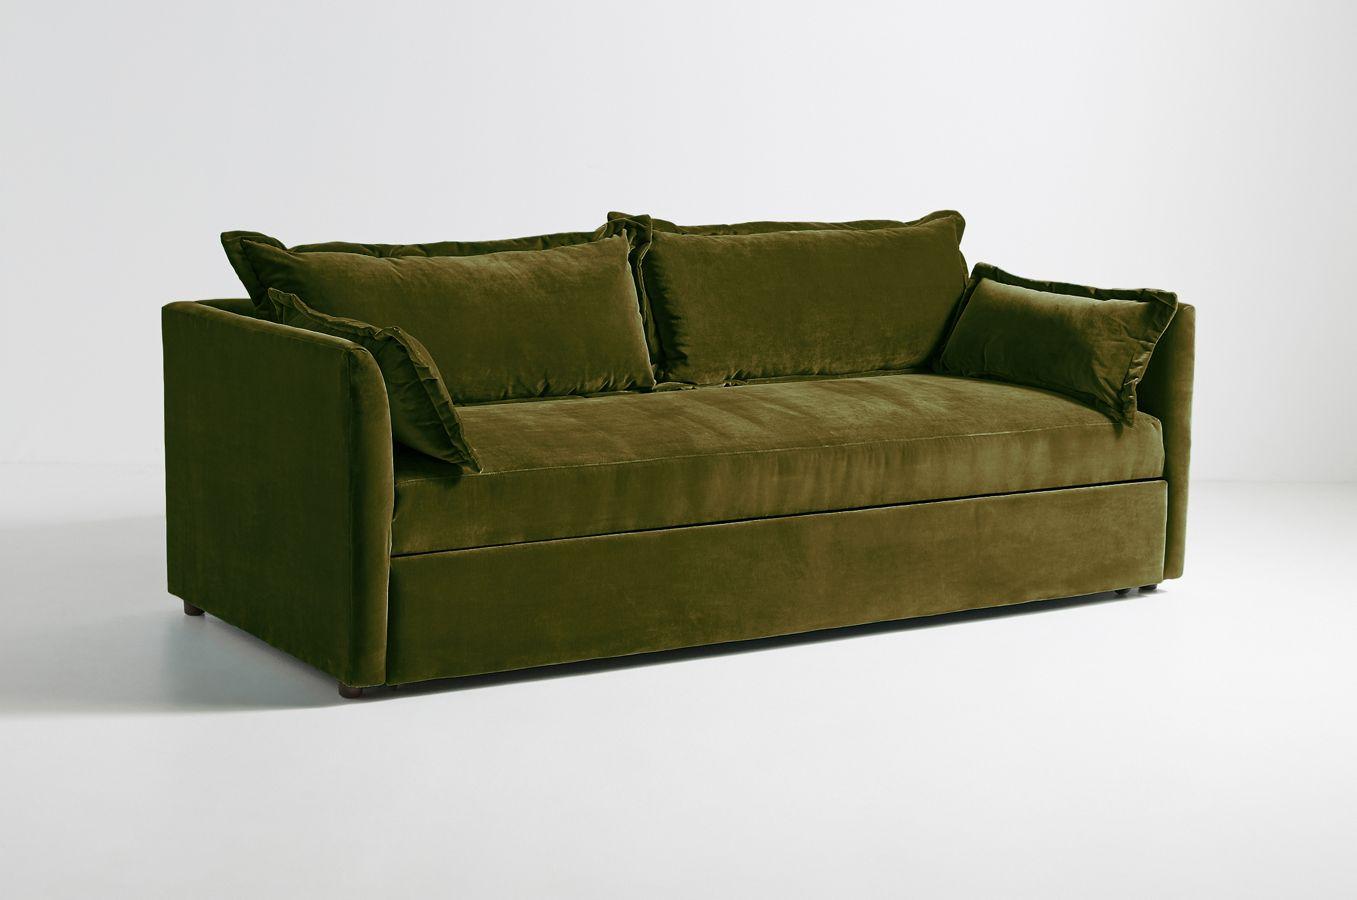 Outstanding Denver Trundle Sleeper Sofa Short Links Chair Design For Home Short Linksinfo